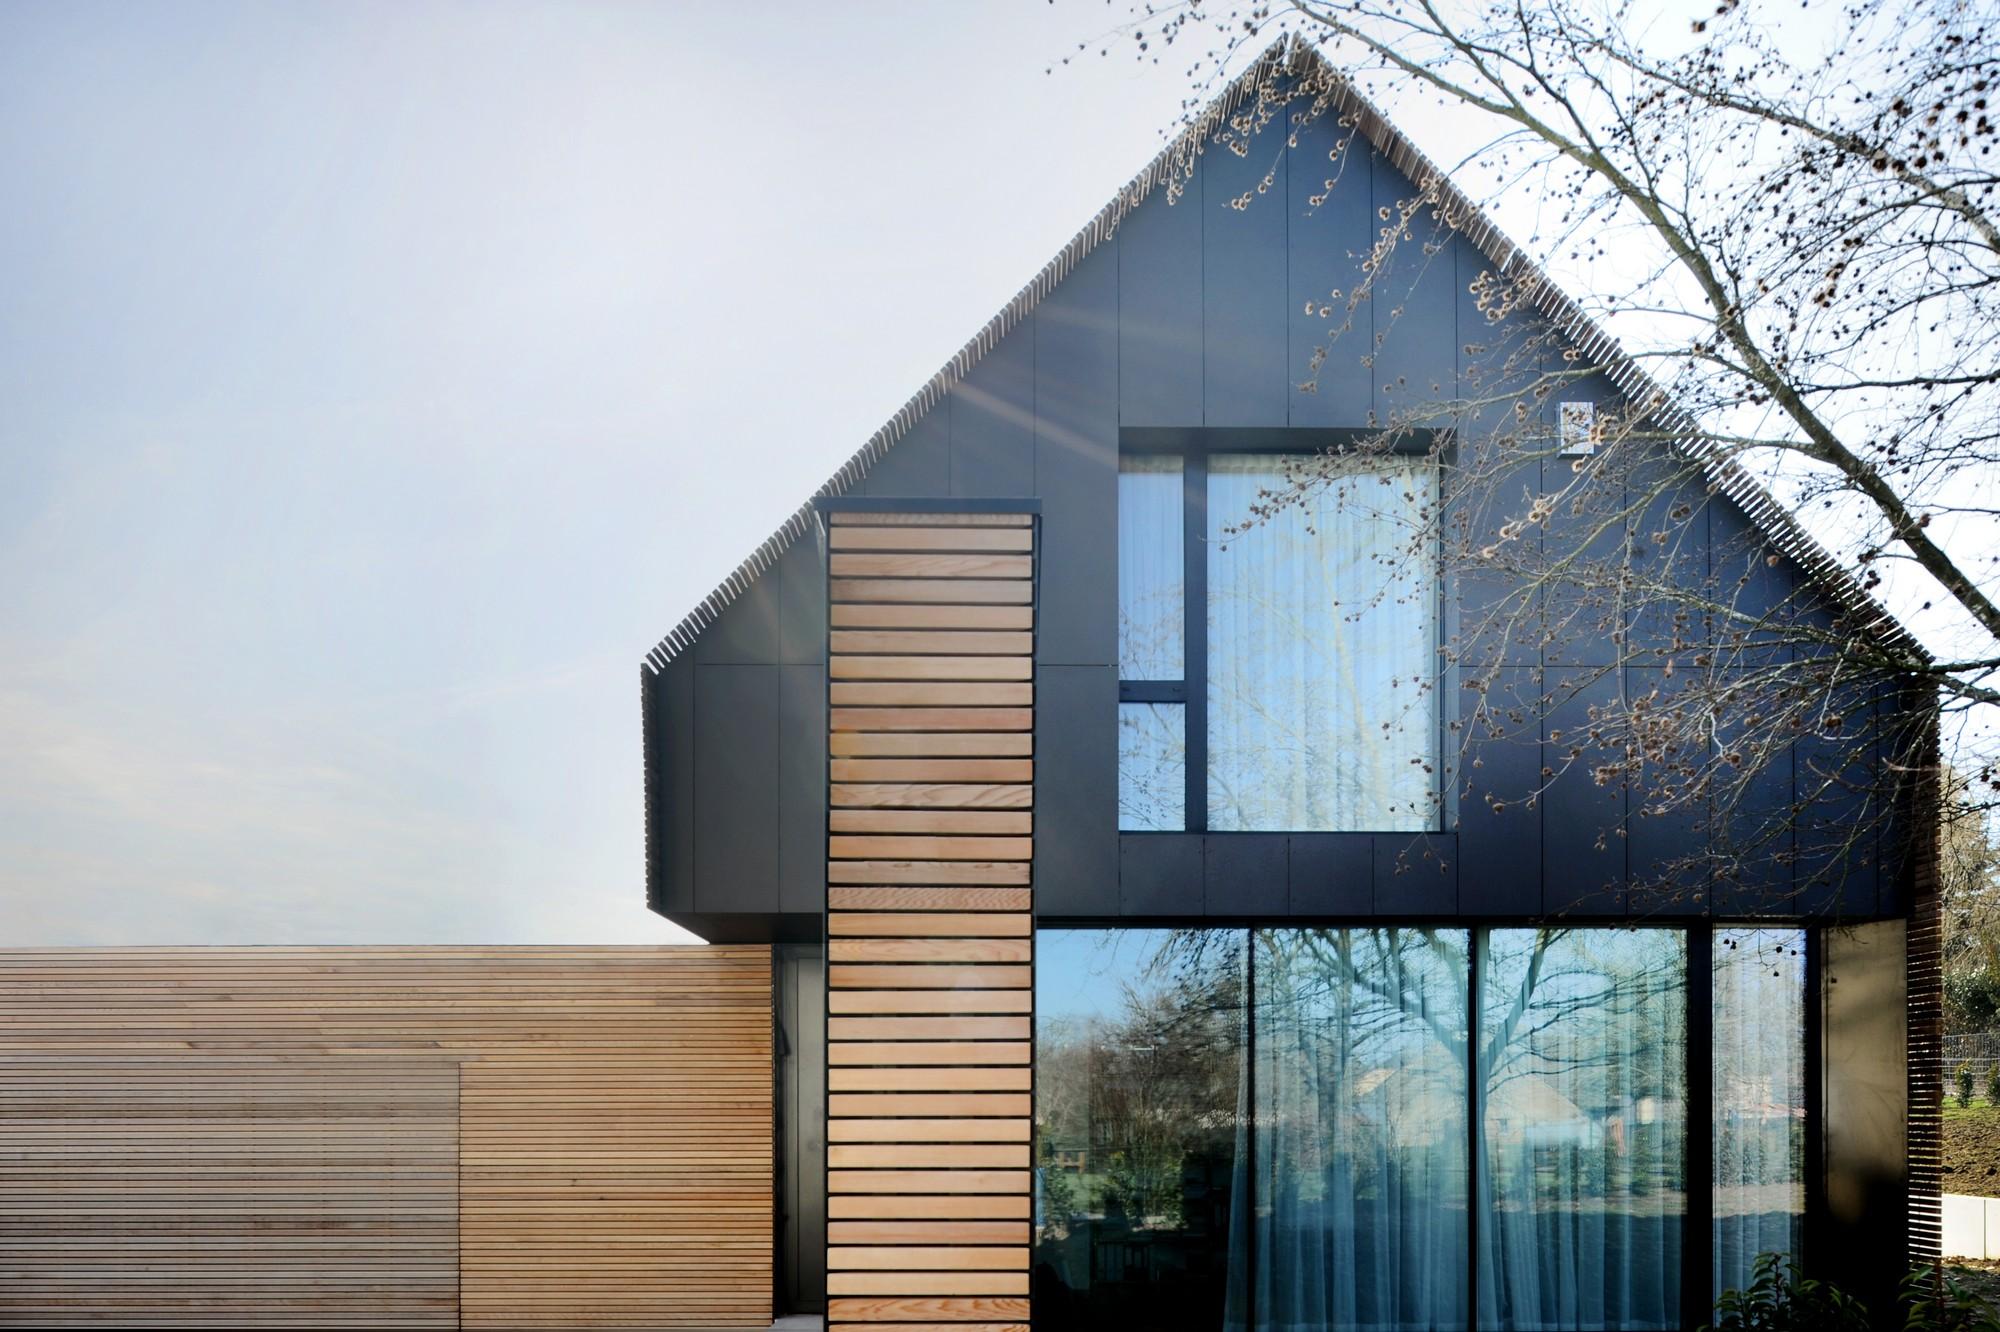 Çatı için altlıklar - binaların modern tasarımı